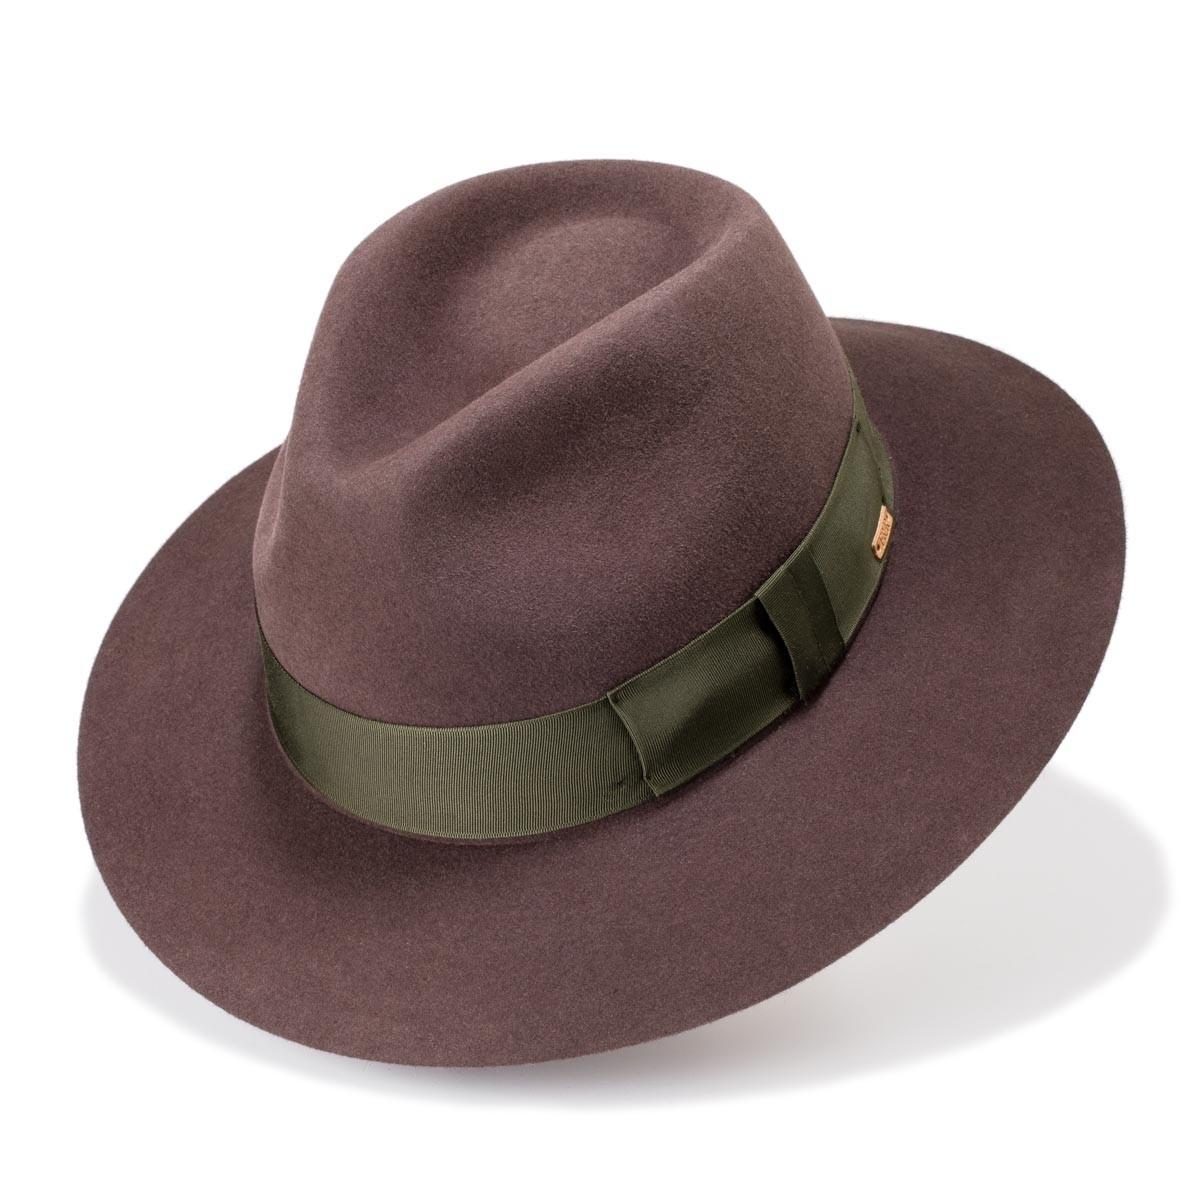 Lannion sombrero fieltro estilo gota de agua color roble. Hecho a mano. Fernández y Roche